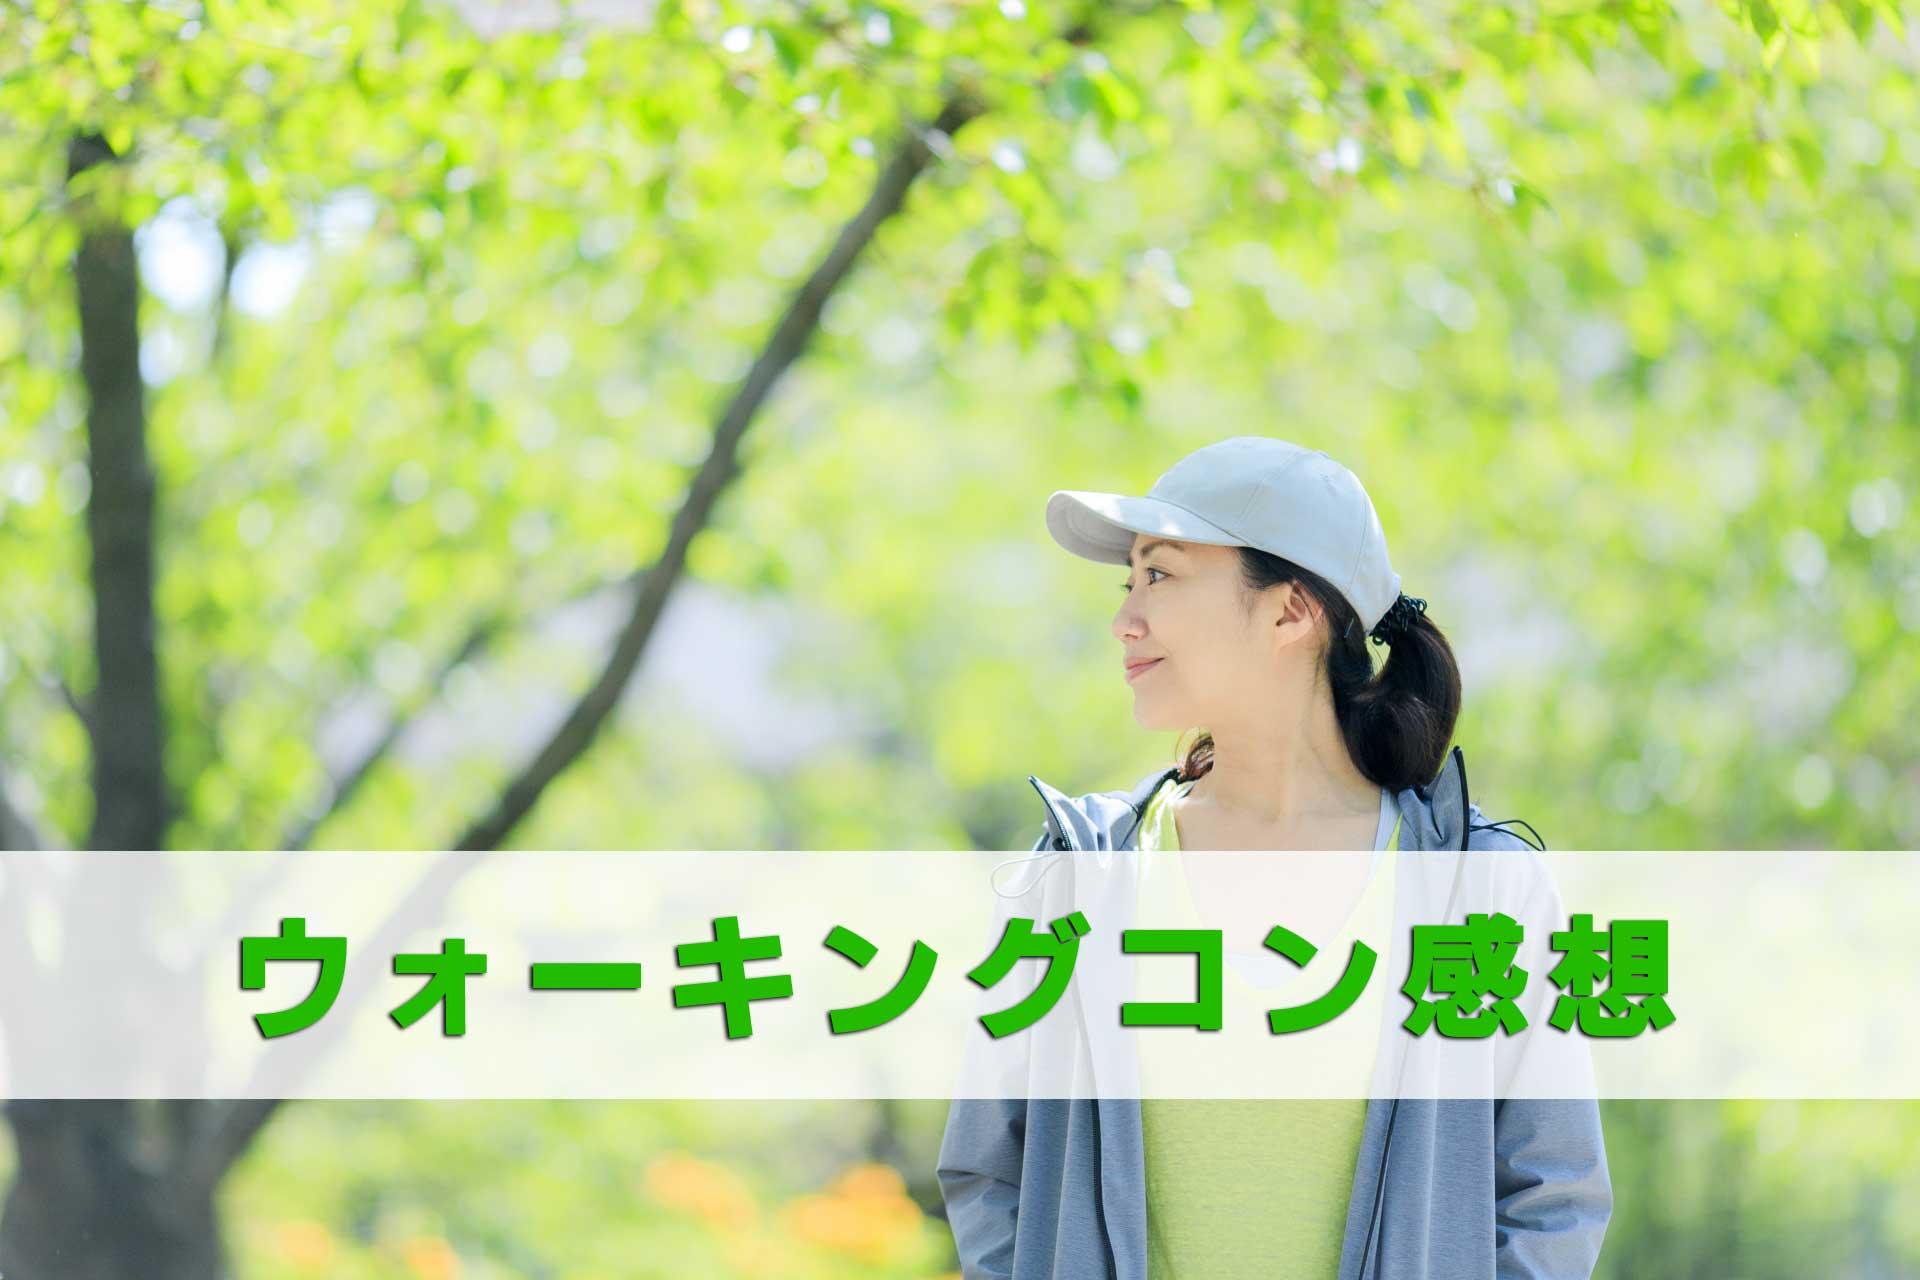 「ウォーキングコン感想」のテキストと公園を歩いている帽子を被った女性